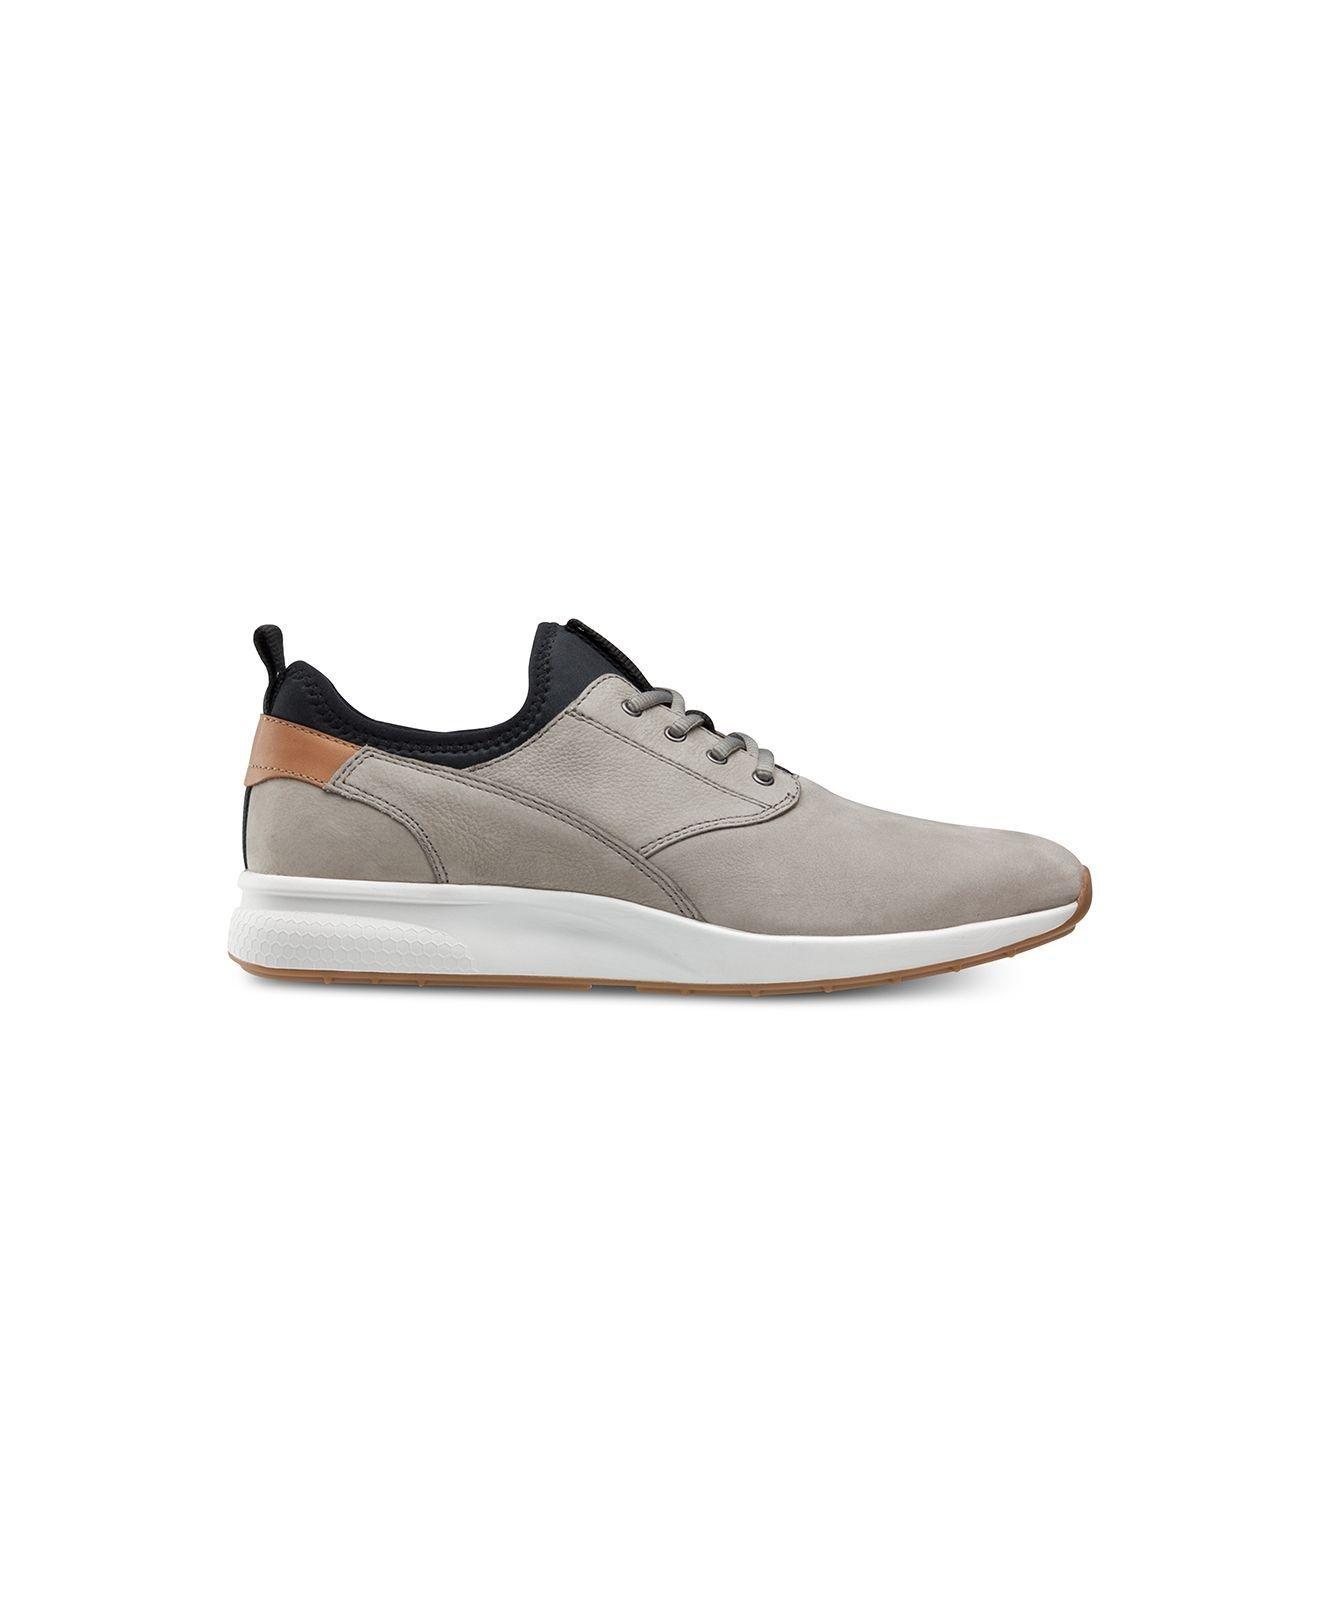 796dd1d7712df0 Lyst - Johnston   Murphy Keating Plain-toe Shoes in Gray